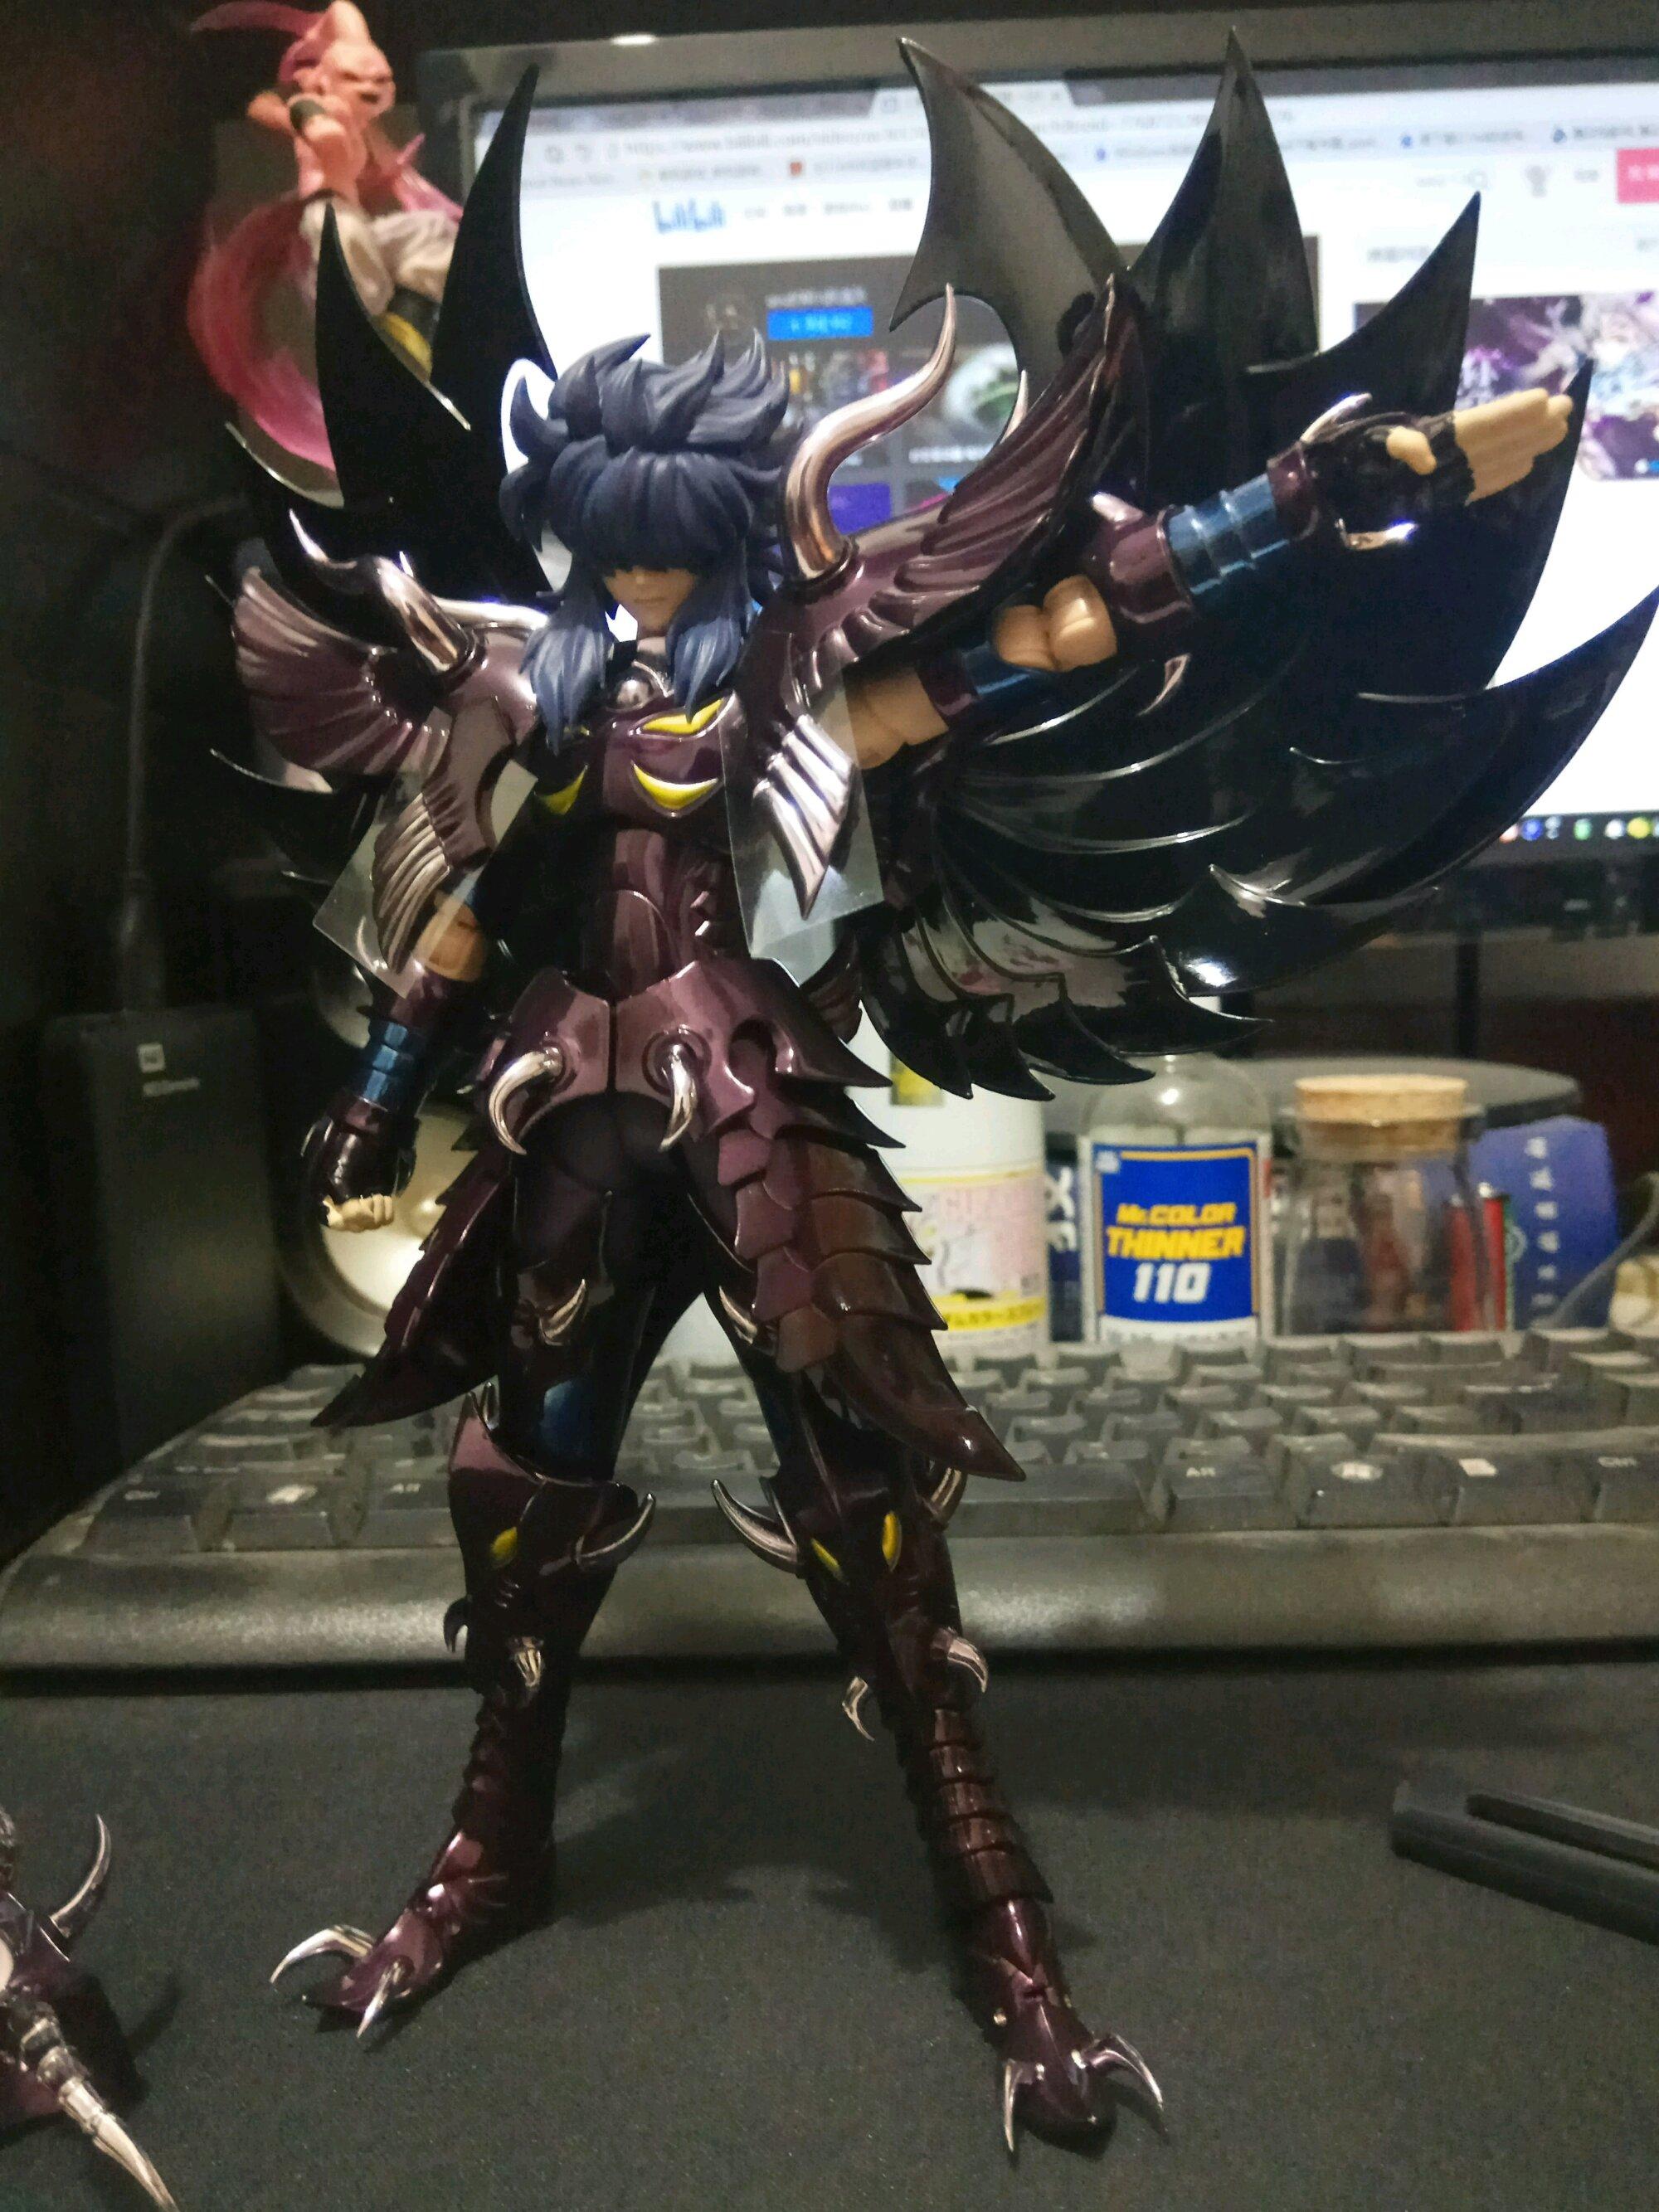 [Comentários] Aiacos de Garuda EX - Página 2 RiA0vApZ_o